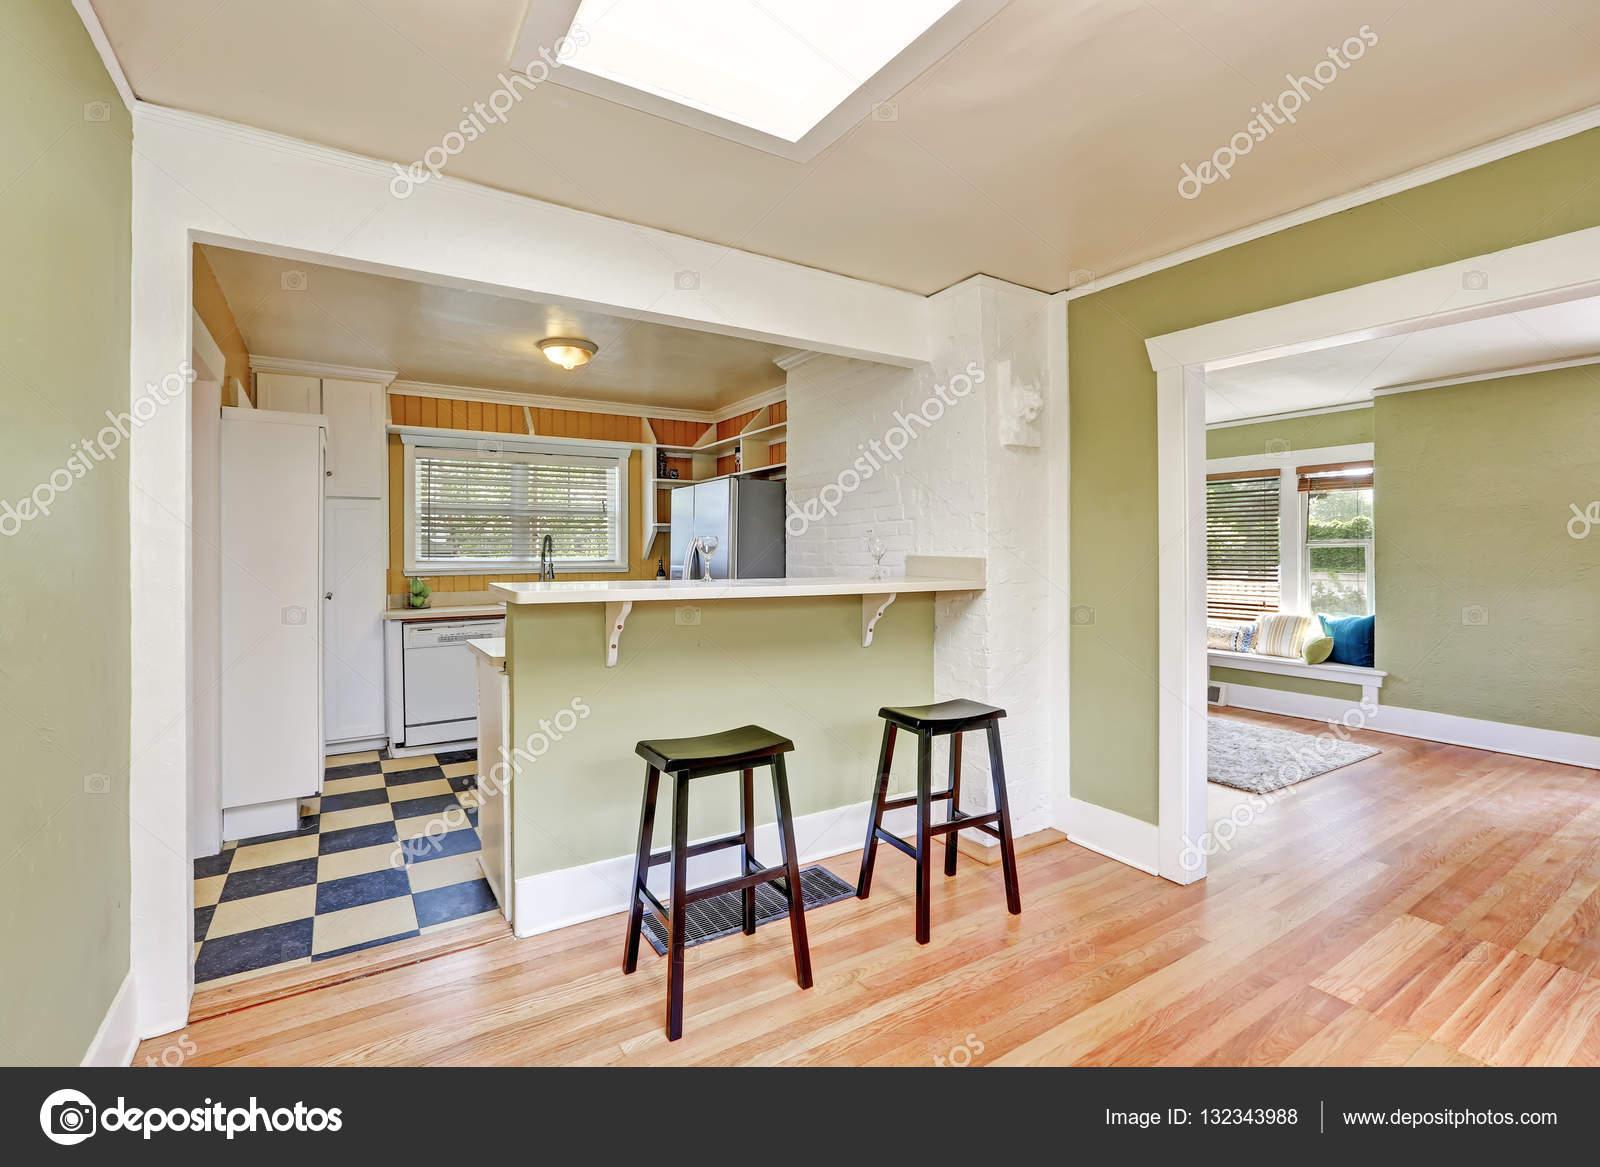 U Vormige Keuken : U vormige keuken kamer interieur met barkrukken u stockfoto